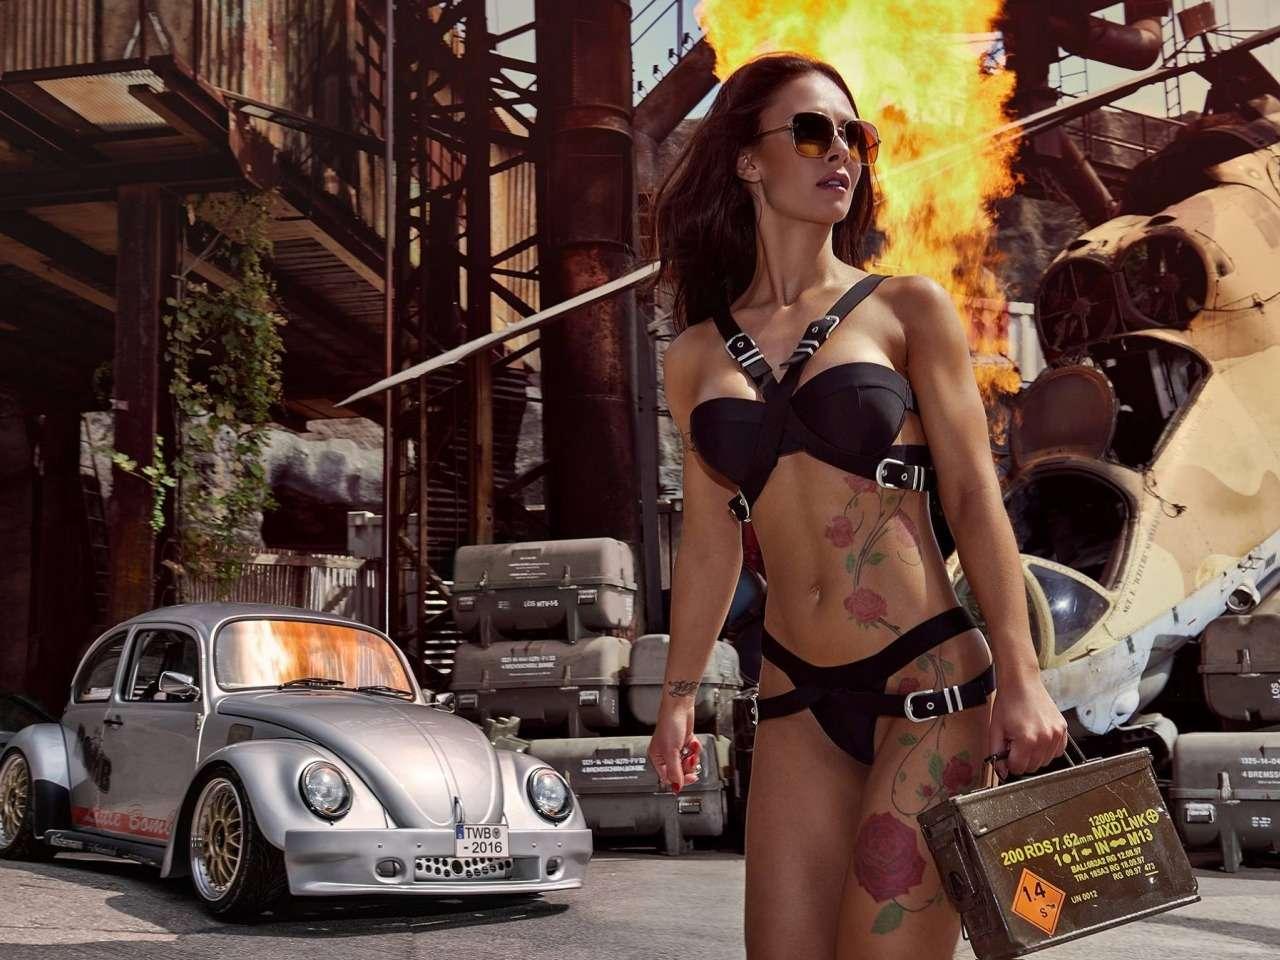 Сексуальные девушки и автомобили (часть 35)